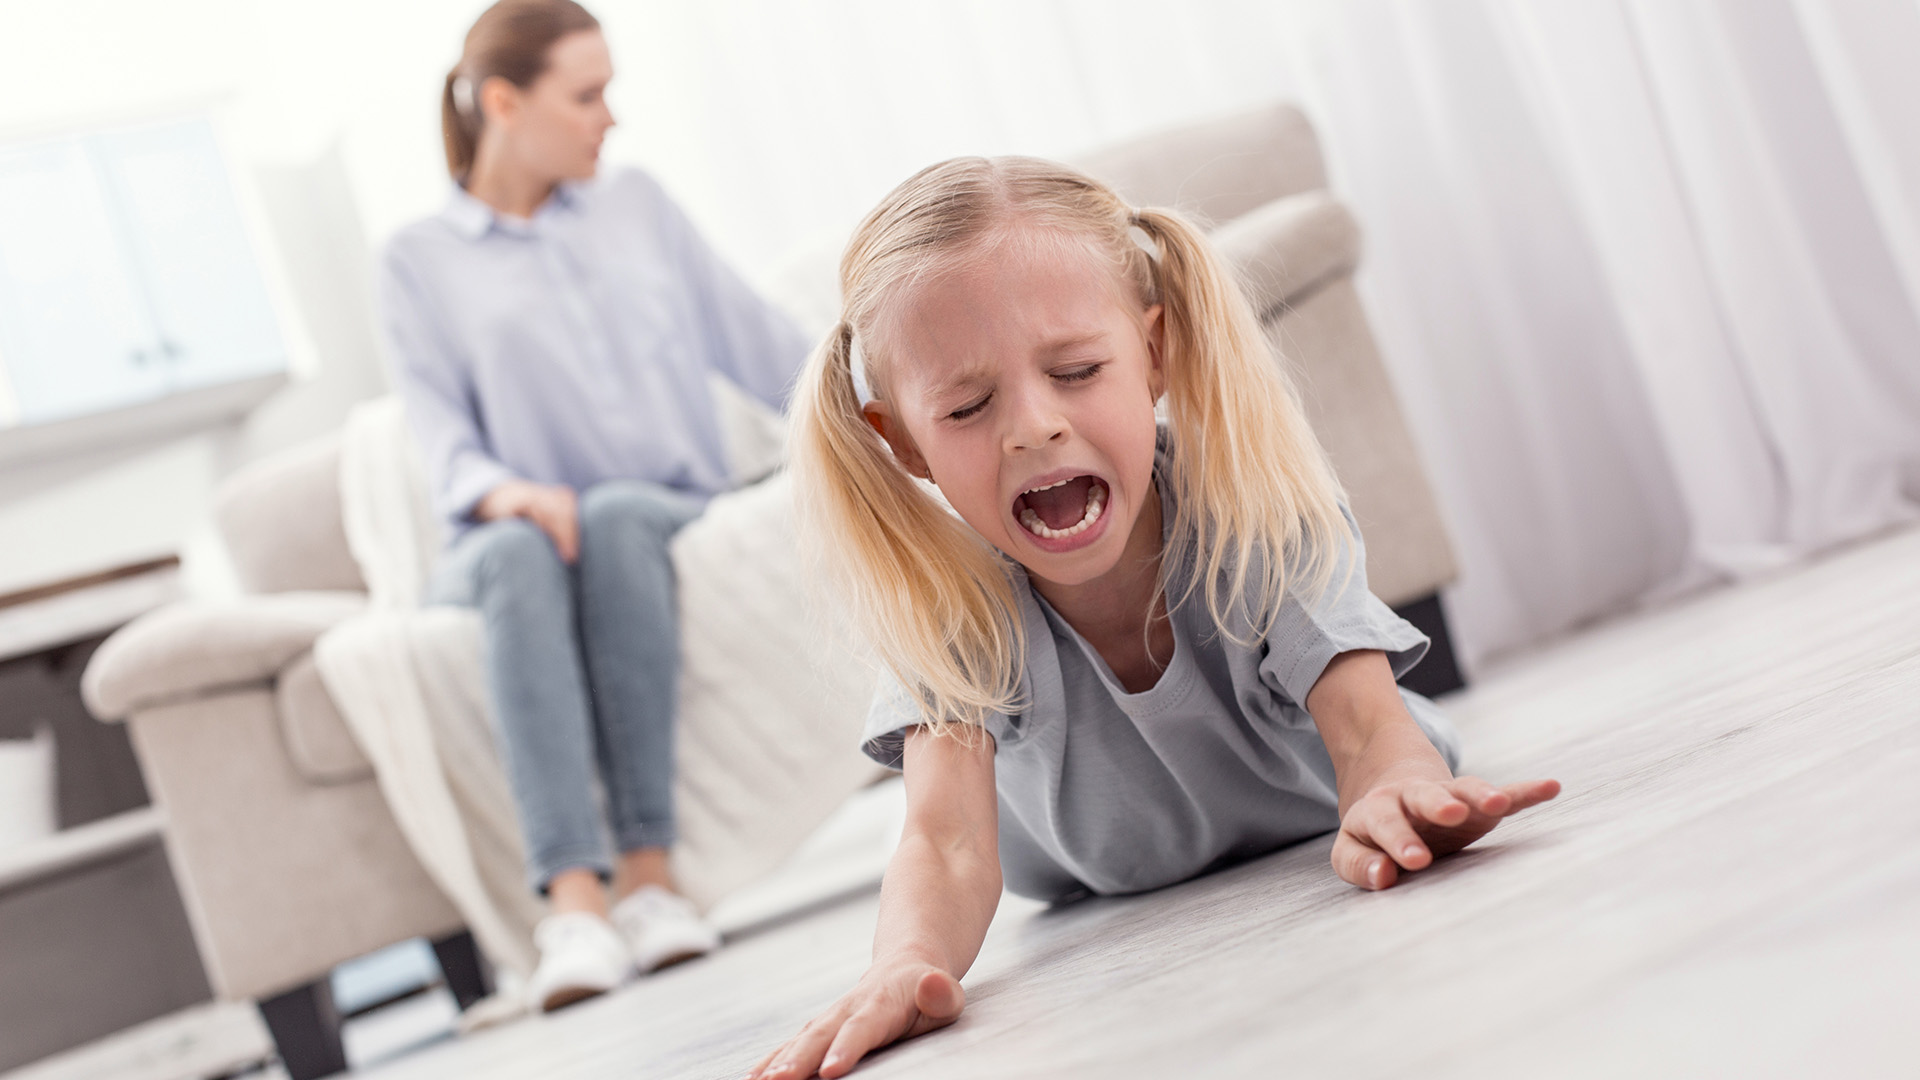 bata kata dühkitörések éretlenség figyelemelterelés gyerek hiszti hiszti üzemmód hisztiroham indulatkitörés következetesség közöny